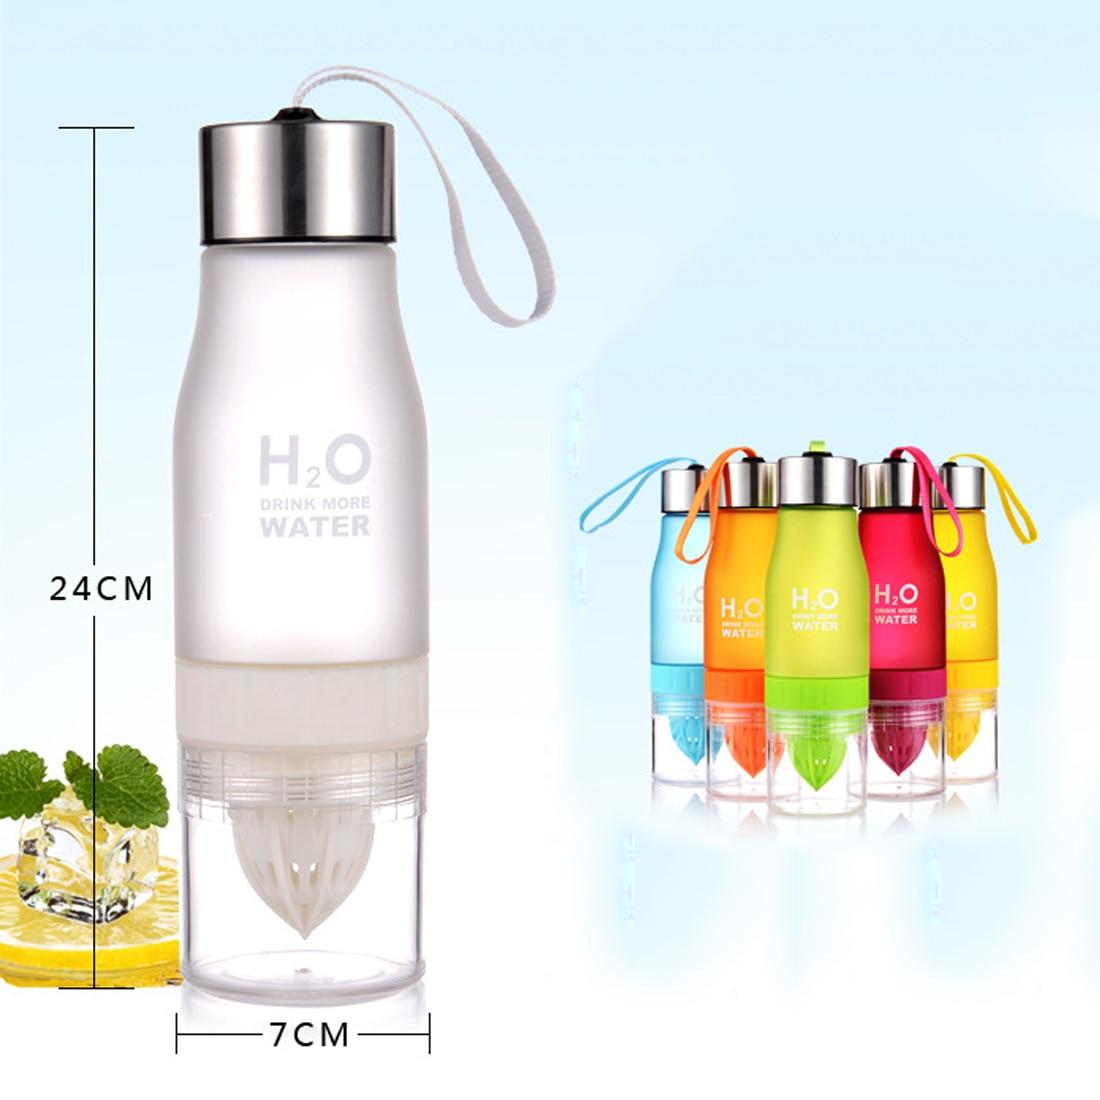 Especial 700 ml agua H20 plástico infusión de fruta Infuser bebida deportes al aire libre jugo limón agua portátil